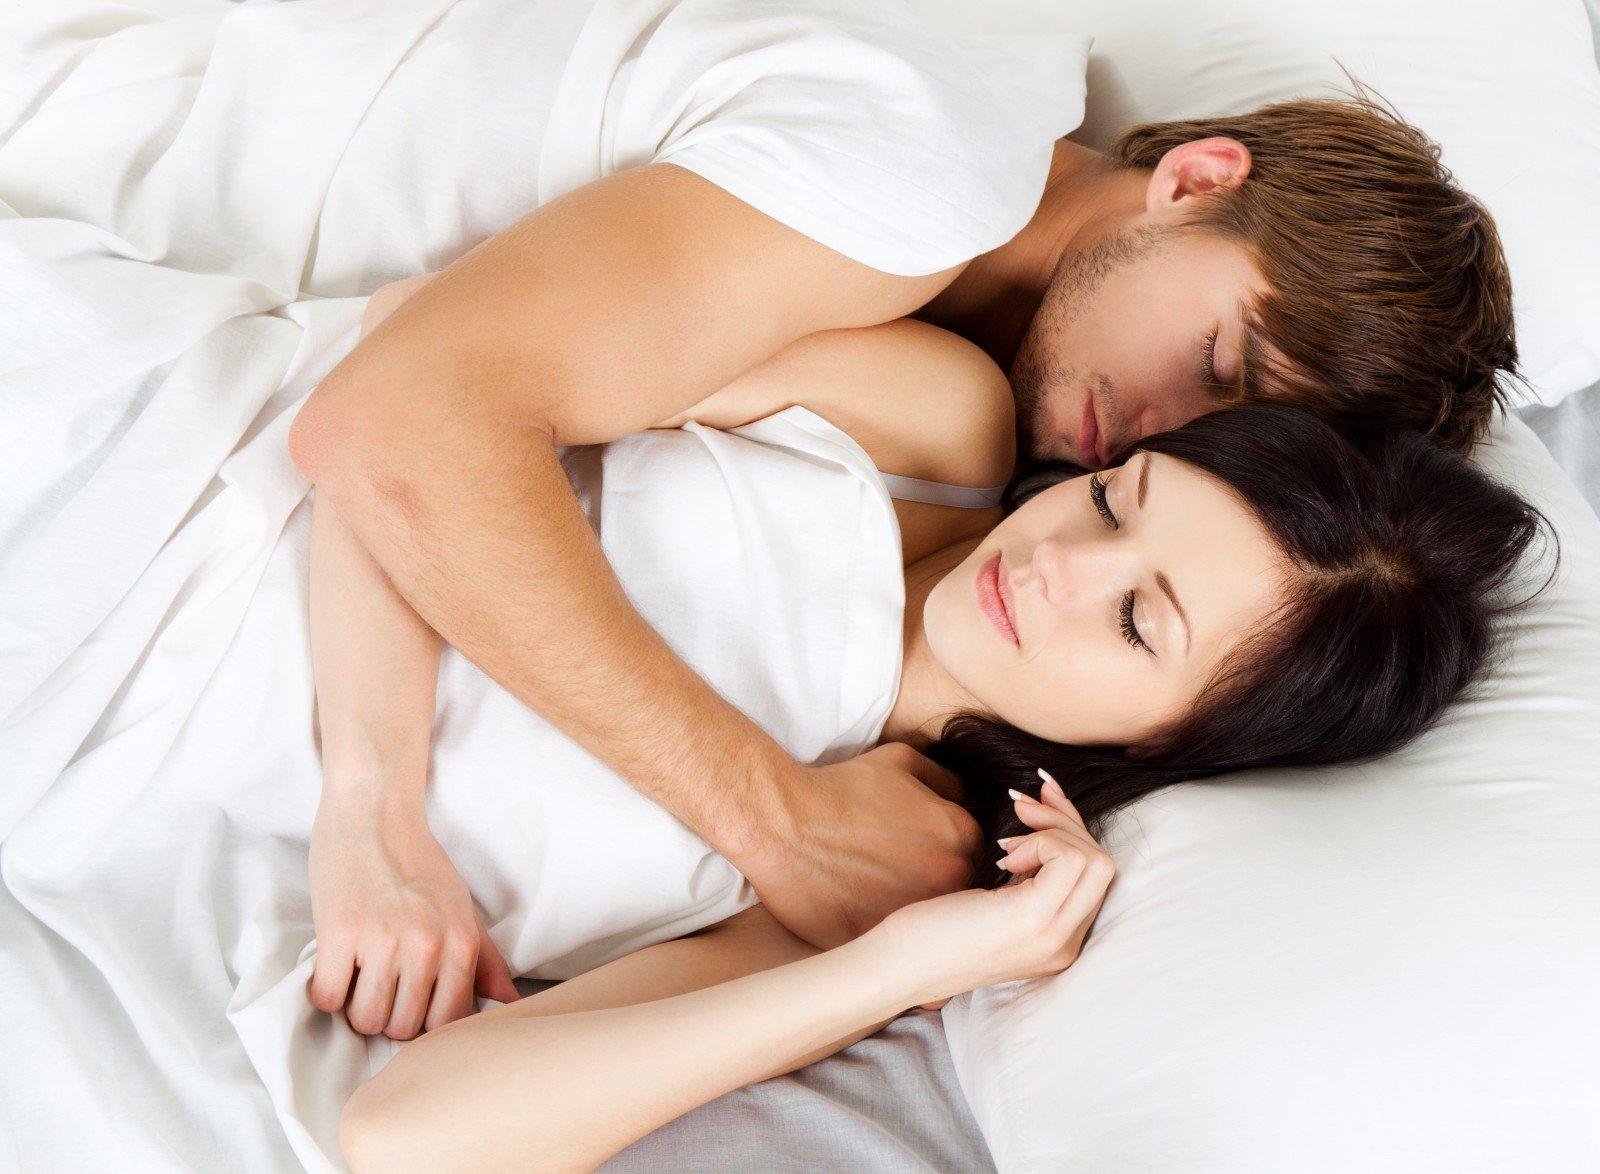 Секс домашний с женой бесплатно, Русские муж и жена домашний -видео. Смотреть 19 фотография